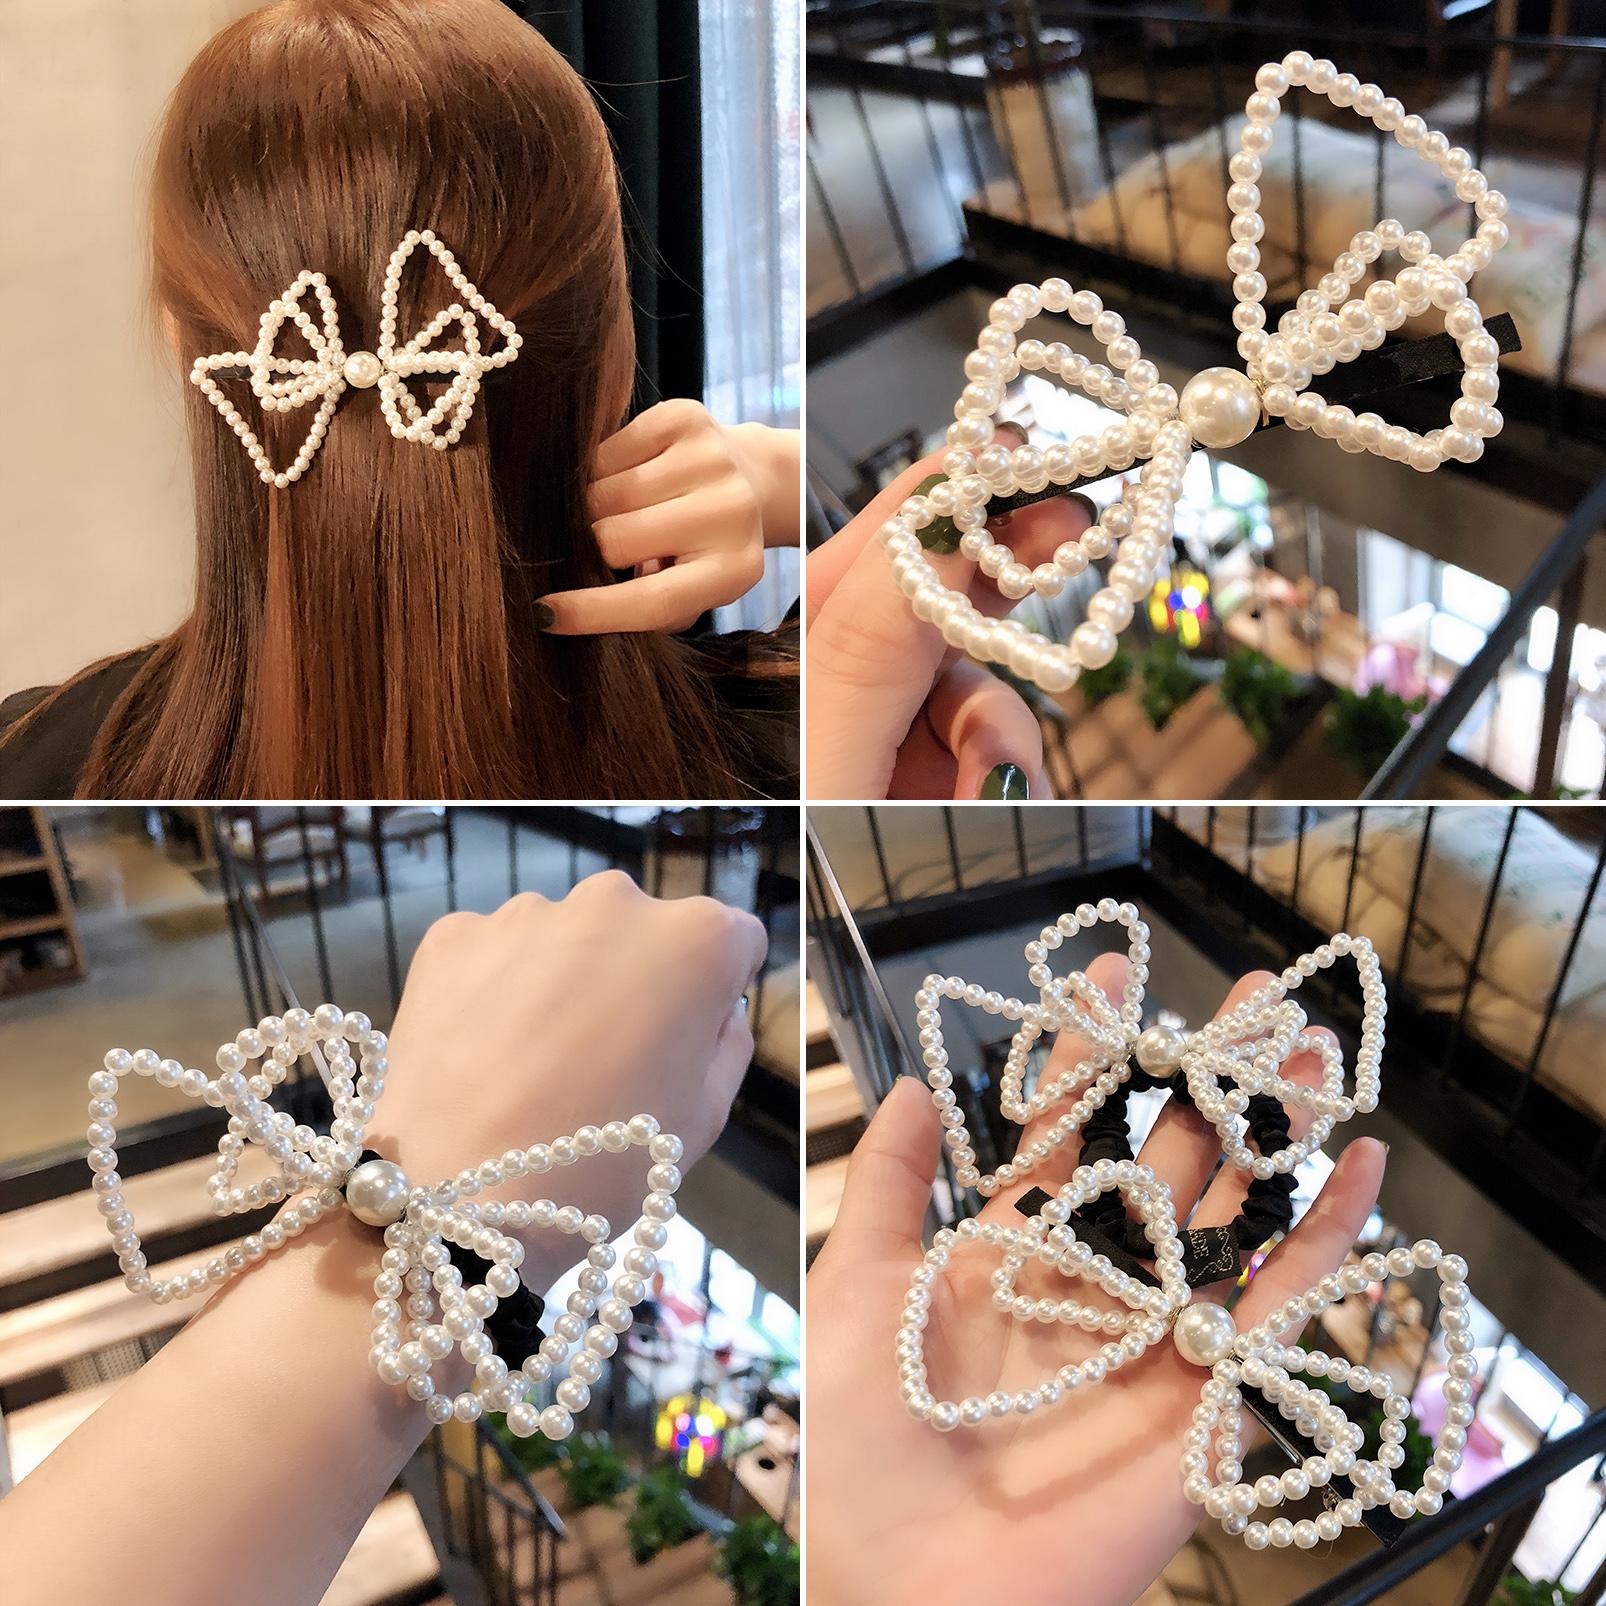 超大韩国蝴蝶结弹簧珍珠网红大号发圈夹顶夹珍珠发夹森女系头饰品